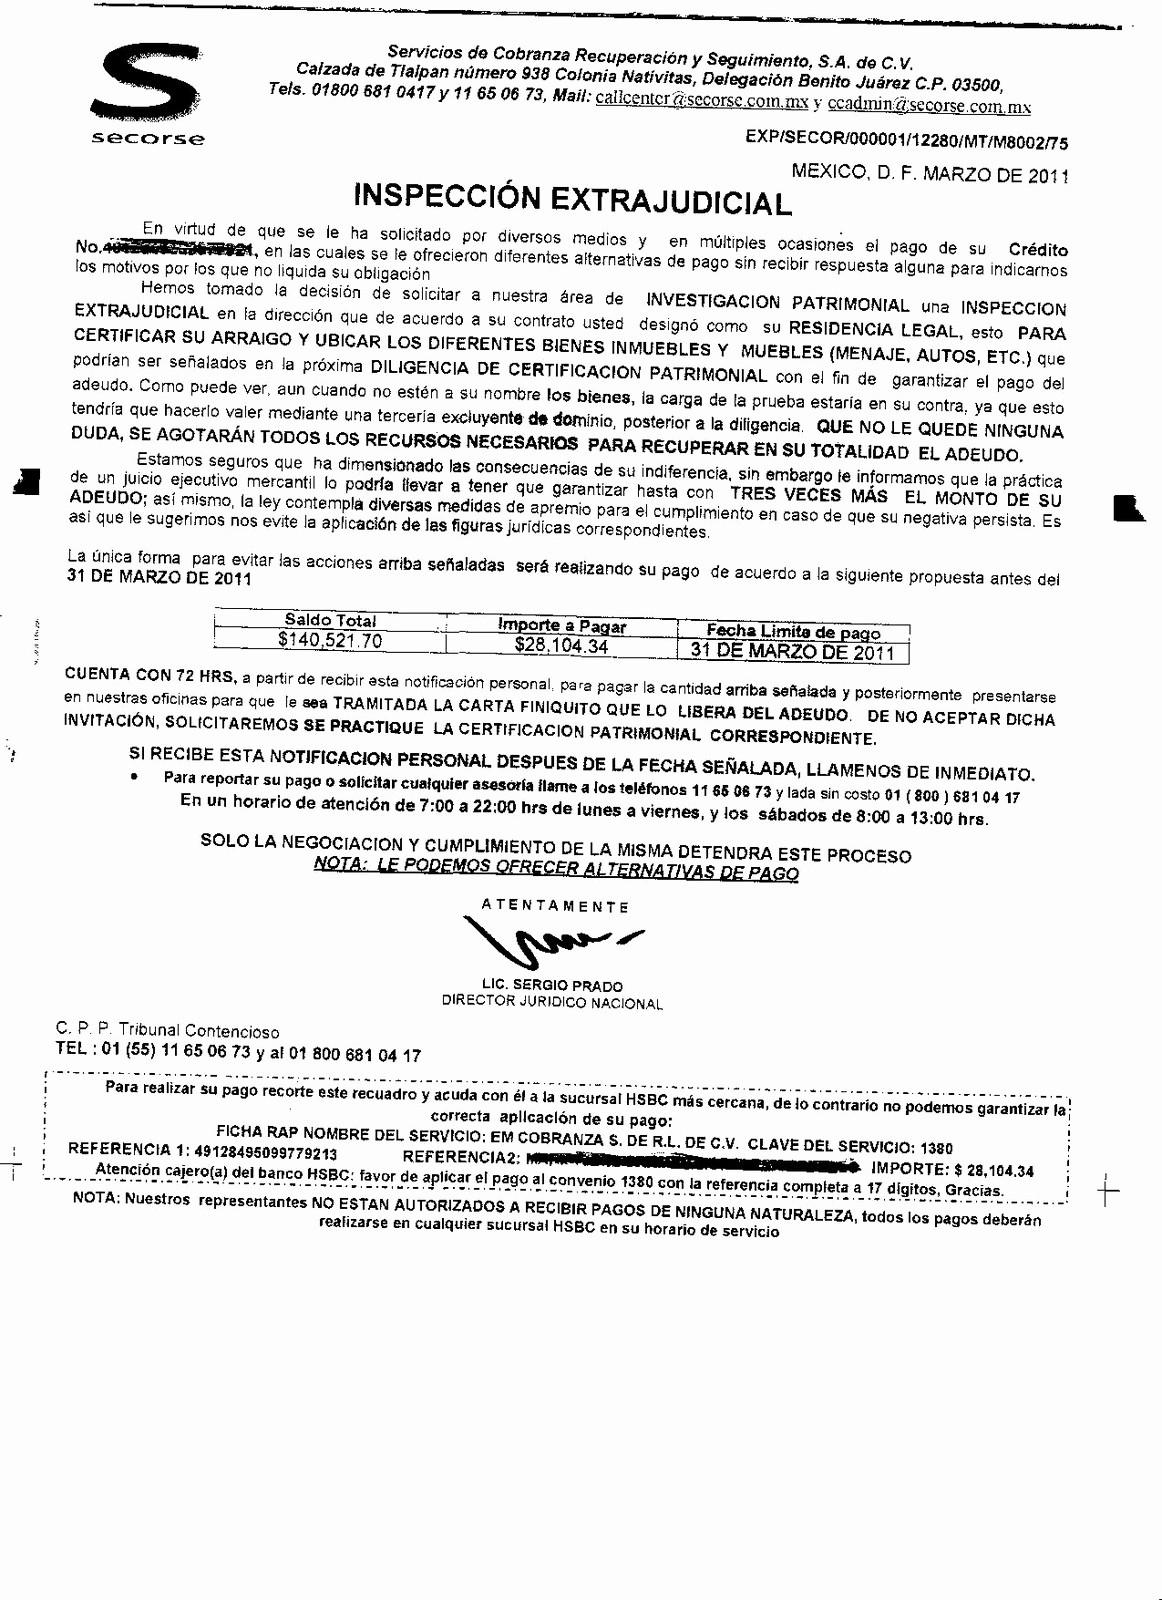 Carta De Cobro De Deuda Inspirational Modelos De Cartas De Cobranza O Cobro De Deuda